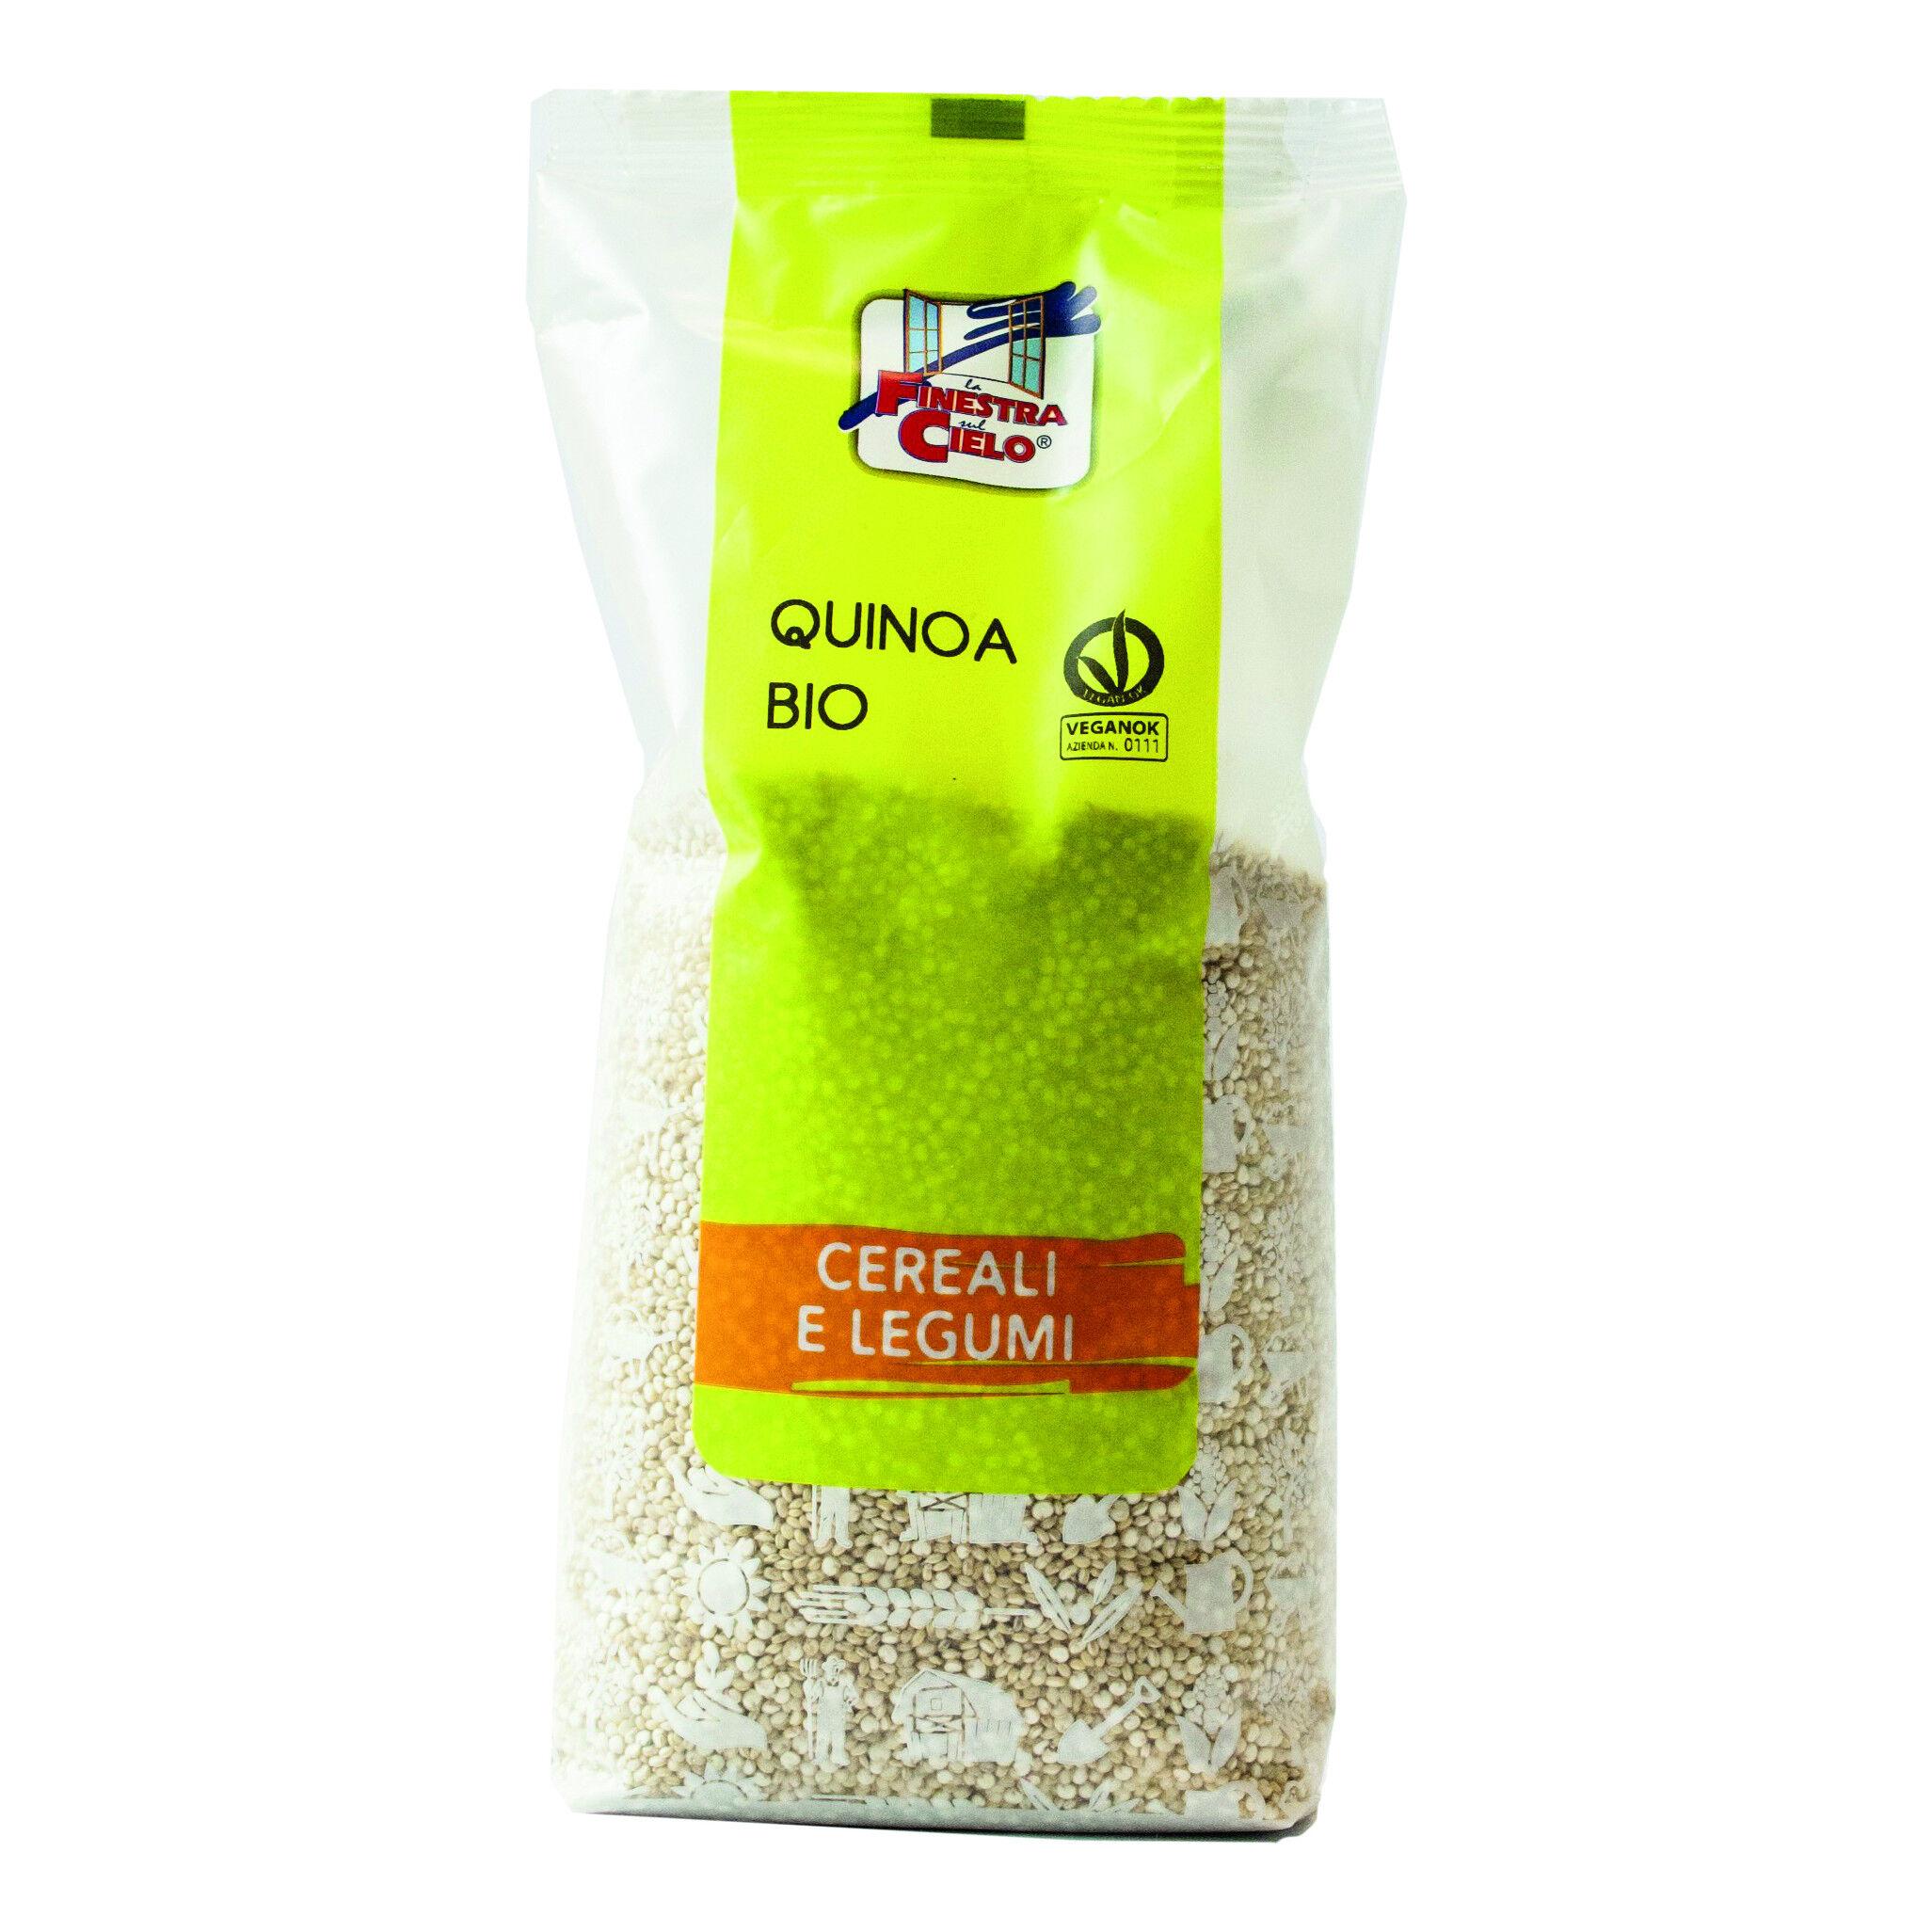 Biotobio Srl Fsc Quinoa Bio 500g